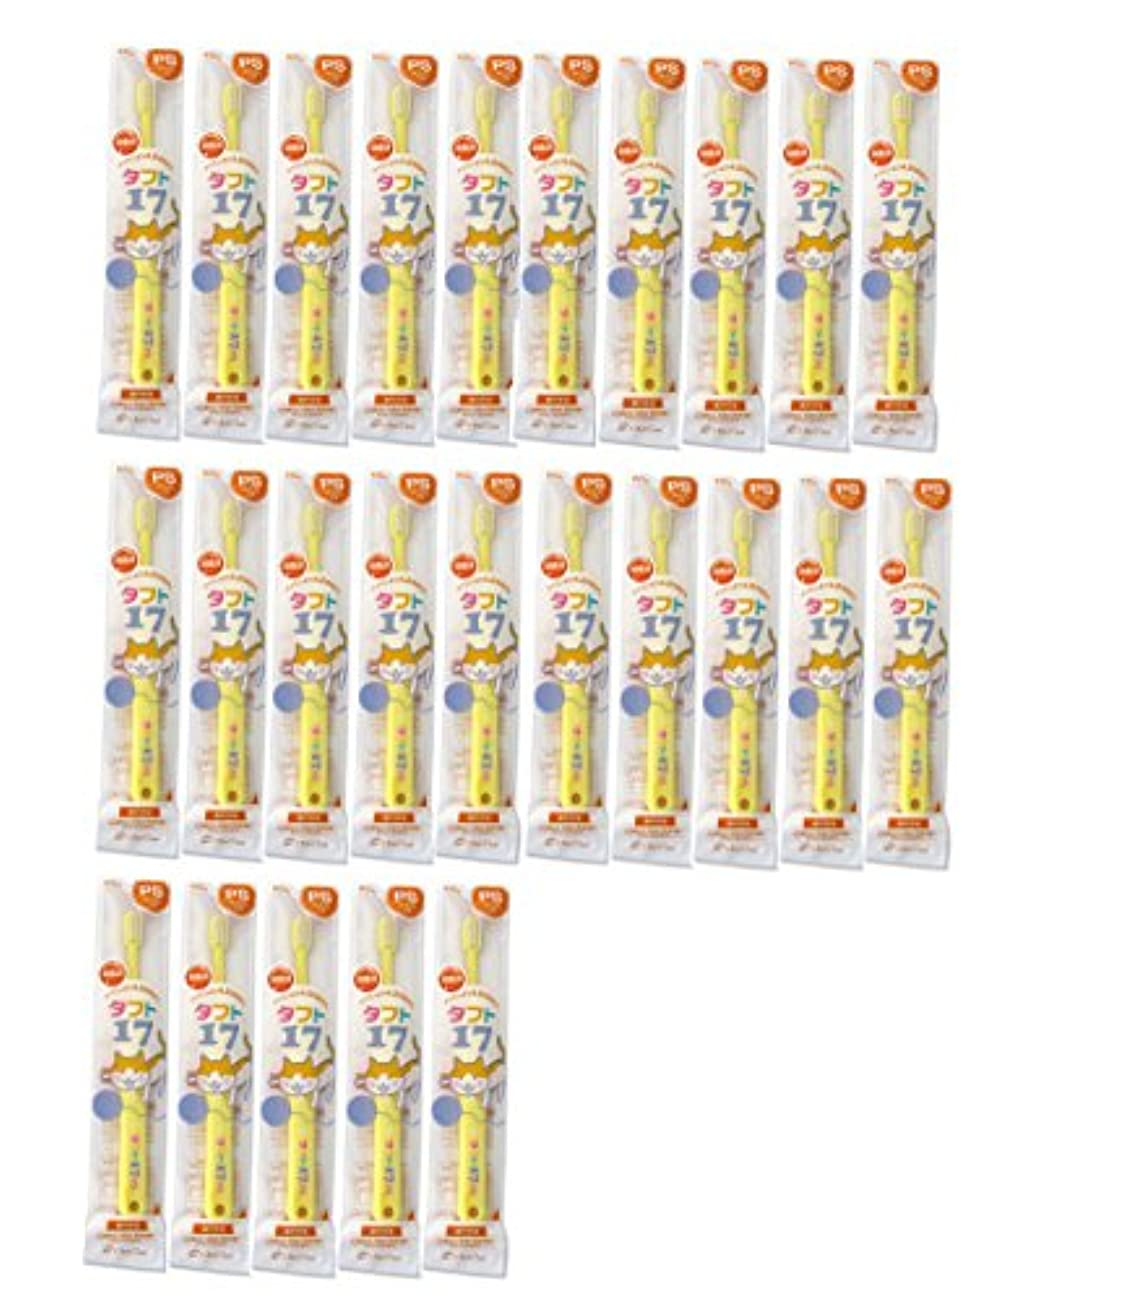 スズメバチ有効化犯人タフト17 25本 オーラルケア【タフト17/プレミアムソフト 子供】乳歯列期(1~7歳)こども歯ブラシ 25本セット イエロー